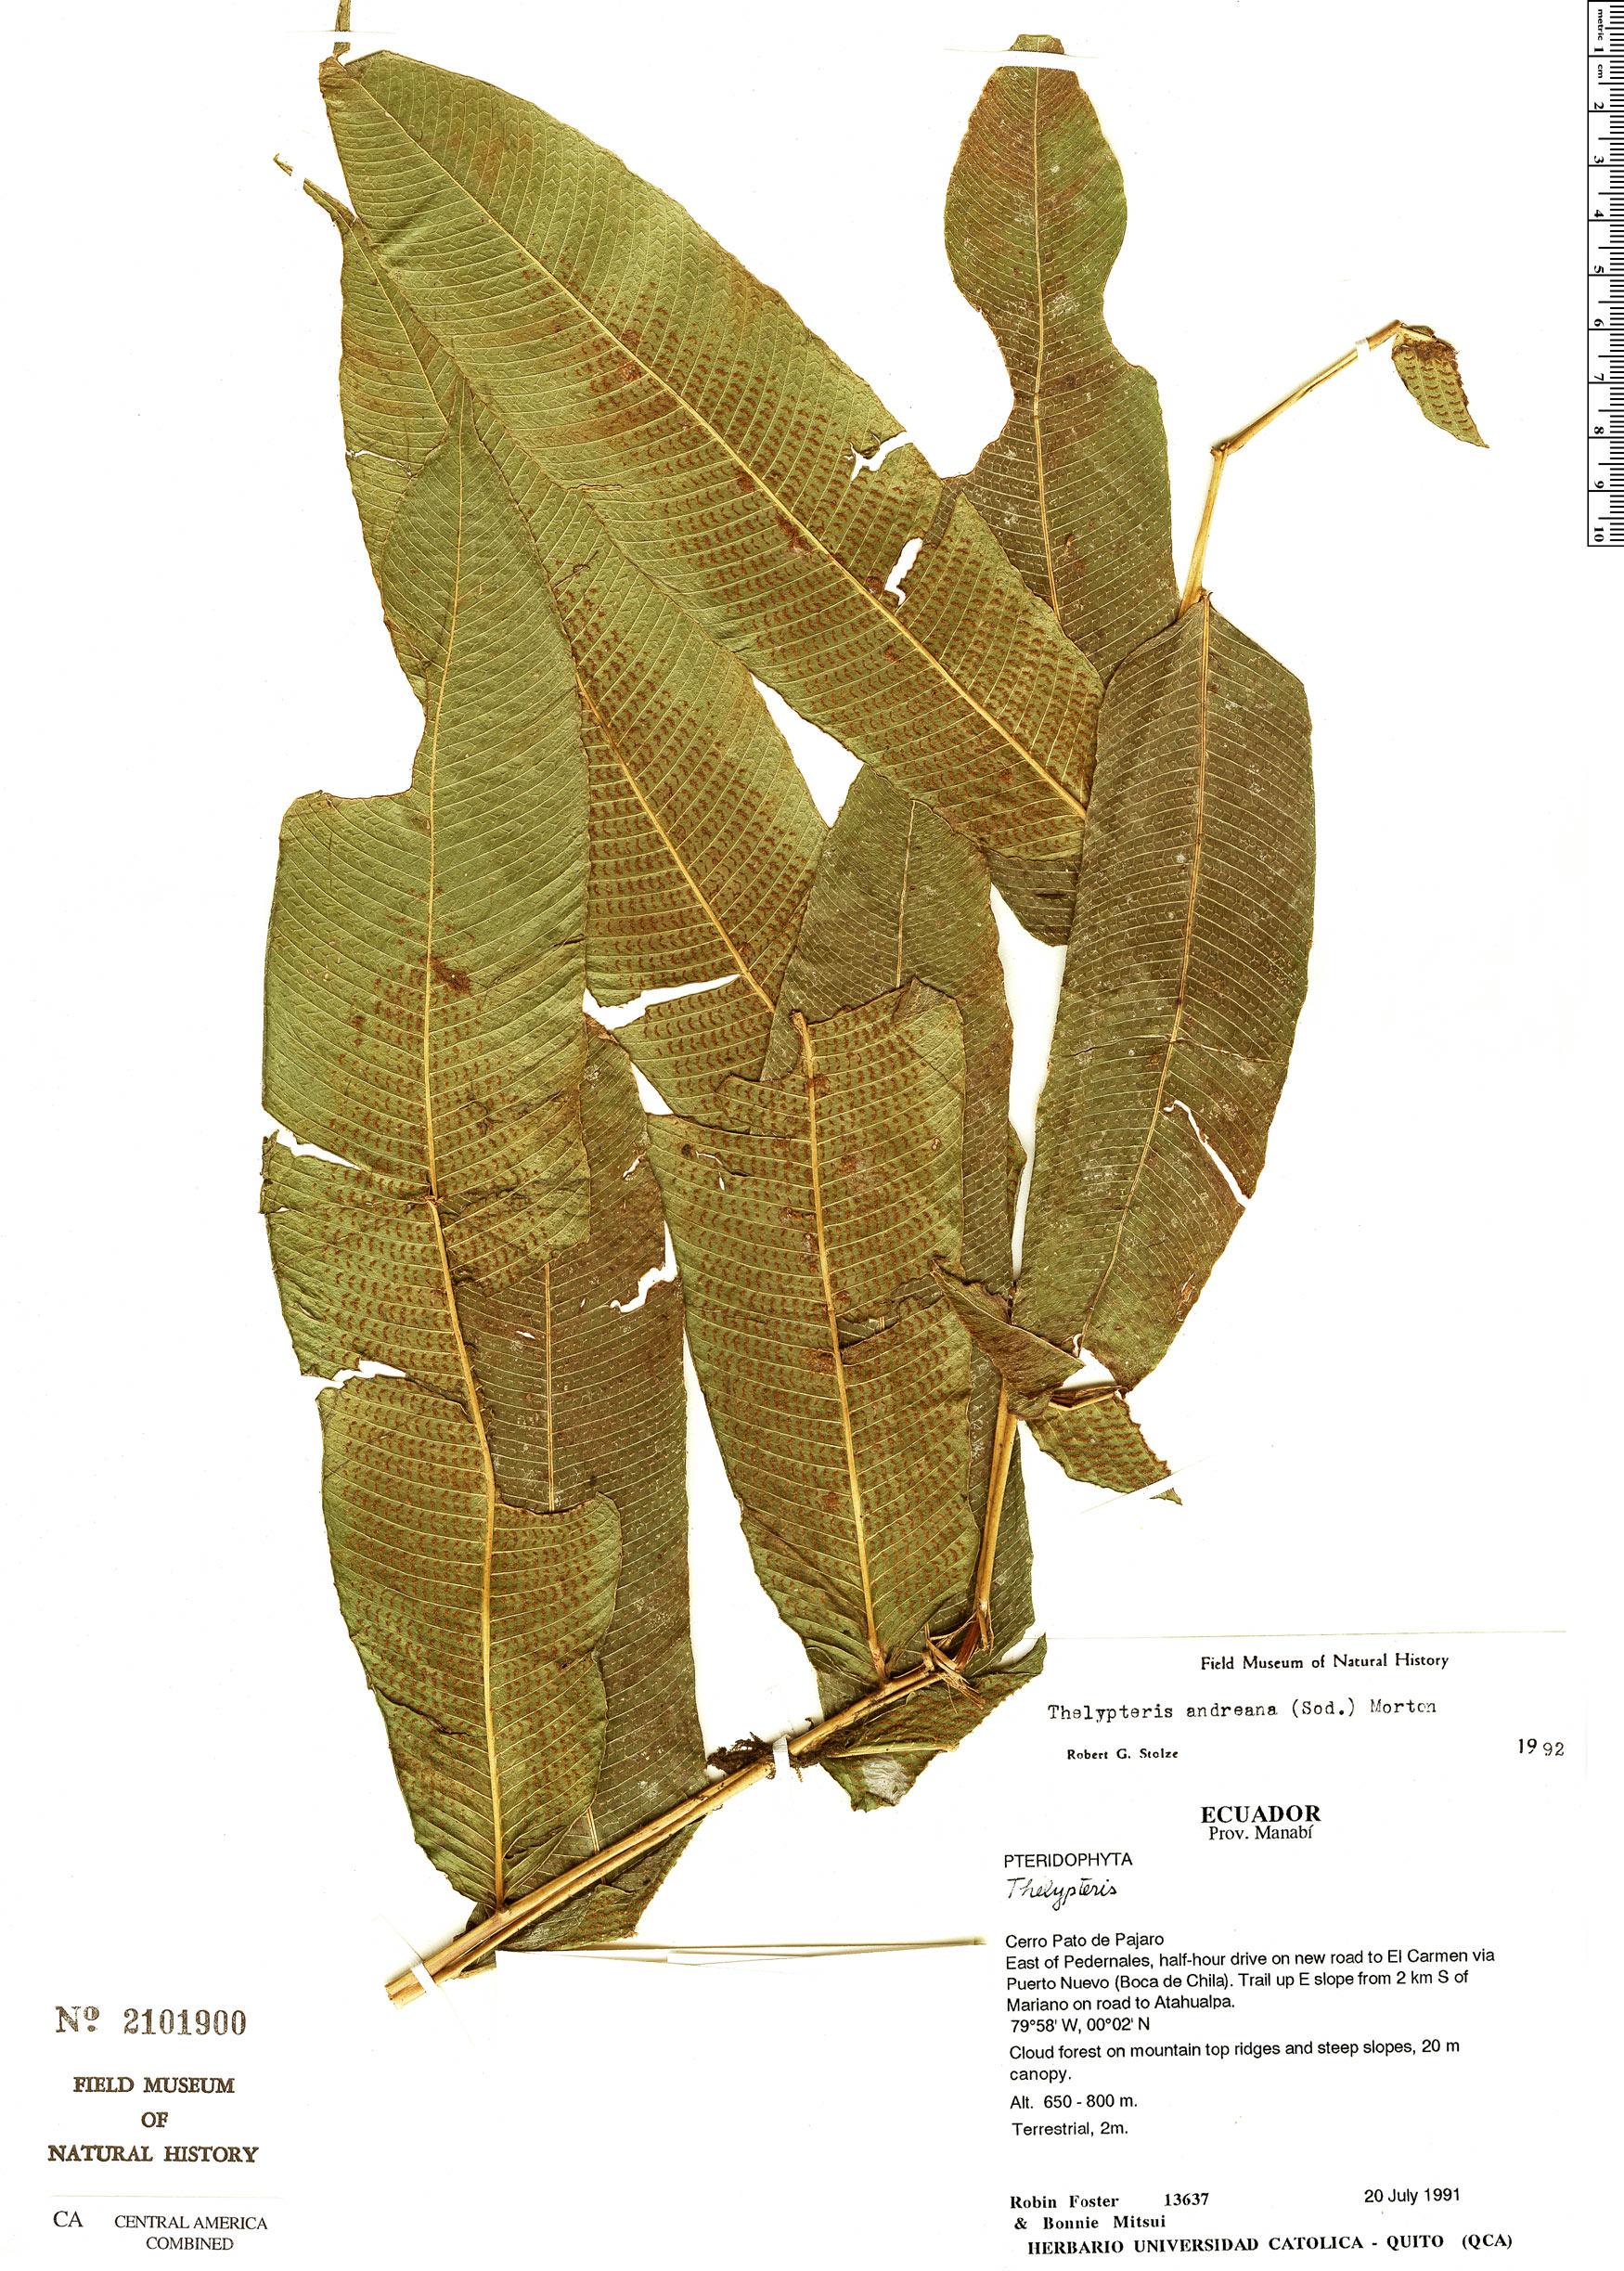 Specimen: Thelypteris andreana